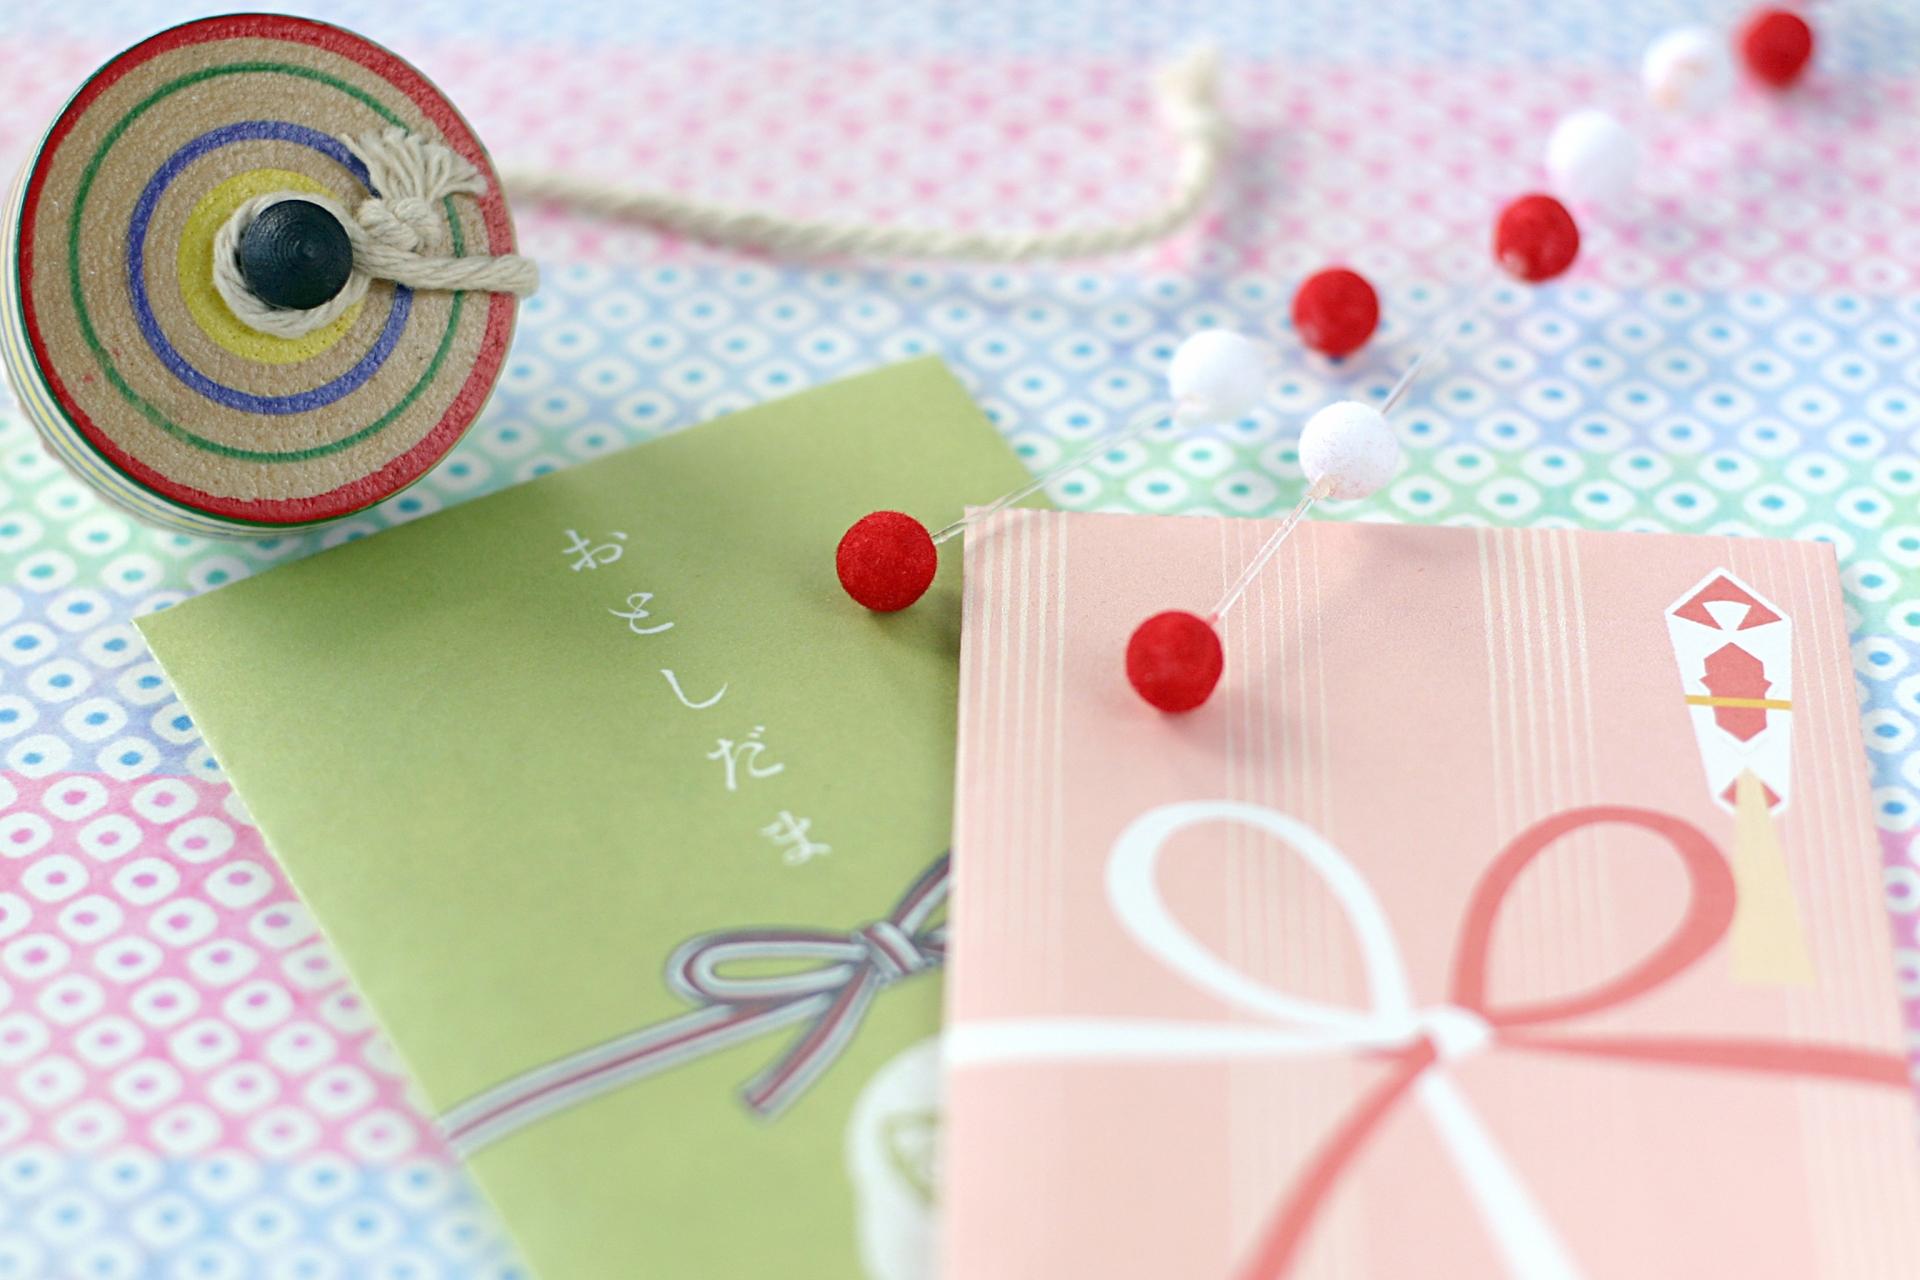 ポチ袋・お年玉袋のおすすめ7選【2020年お正月版】